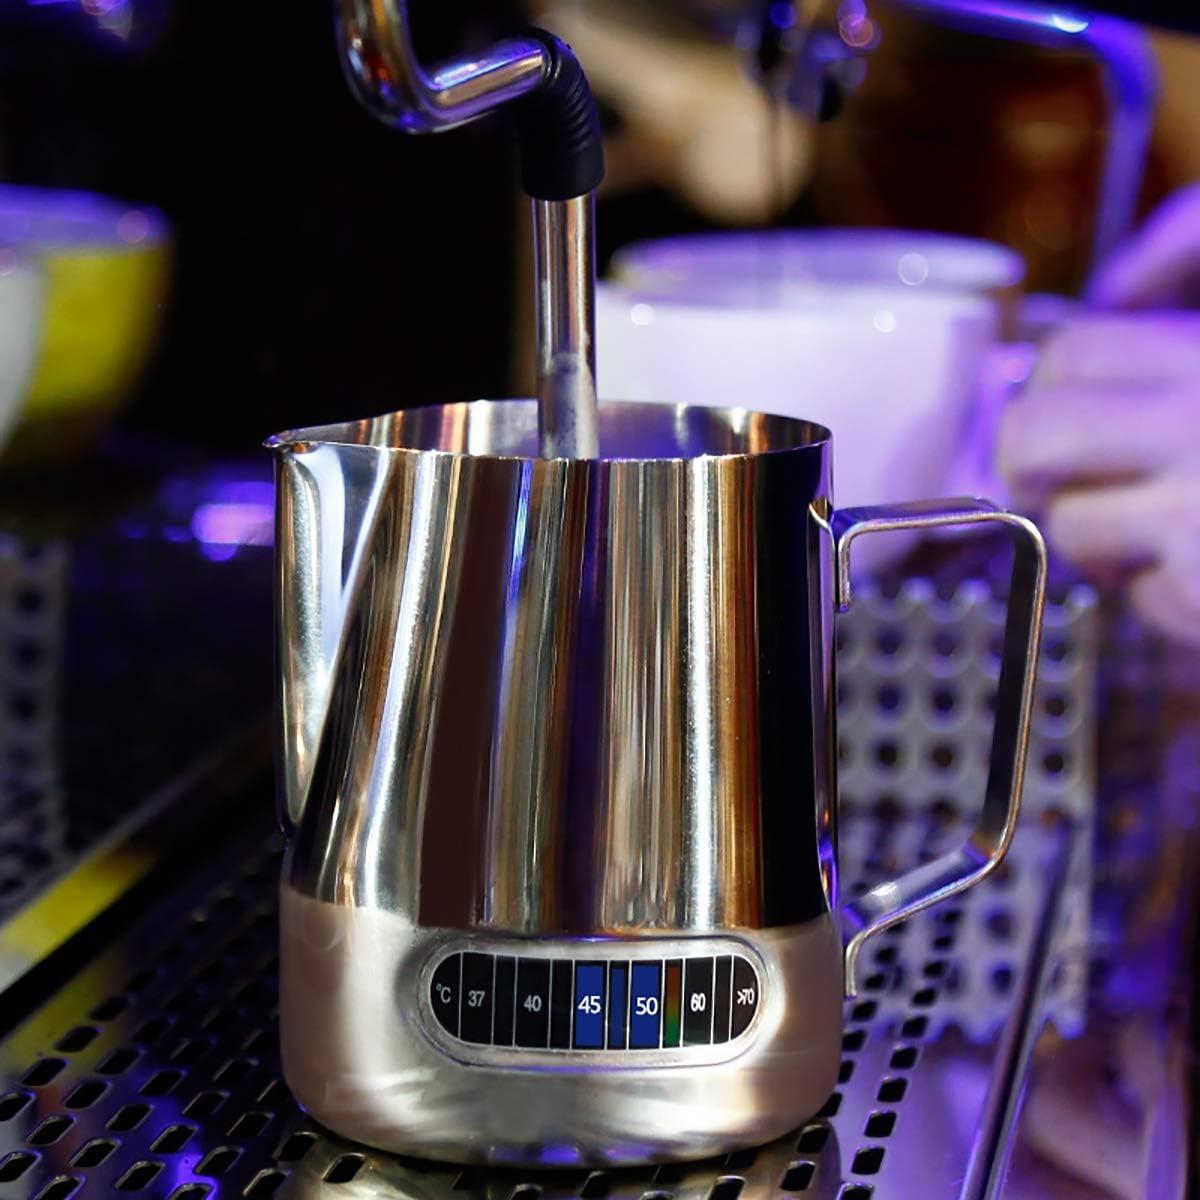 ZUZEN La Taza de Acero Inoxidable con Sensor de Temperatura Inteligente y la Boca de la Punta de la Pantalla se Pueden Utilizar como Taza de t/é de caf/é Plateada